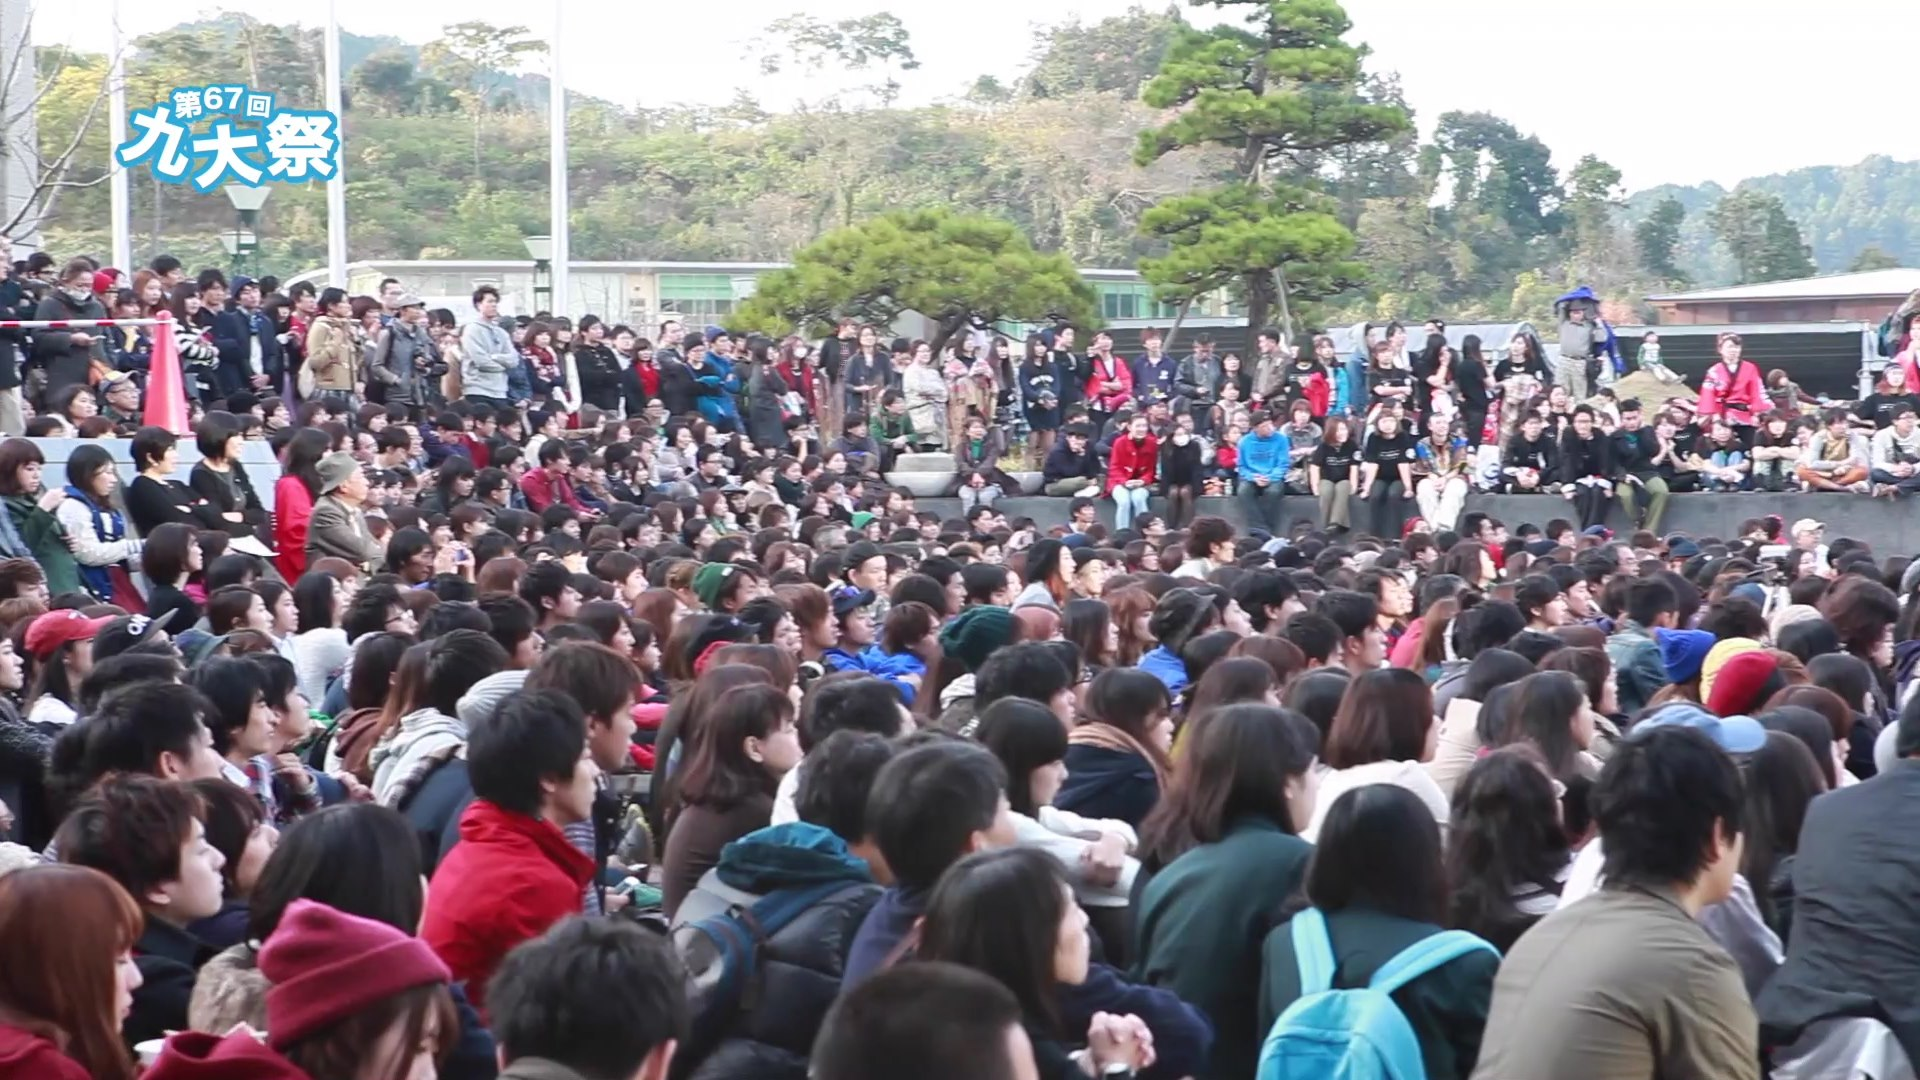 第67回 九州大学学祭.mov_000464499